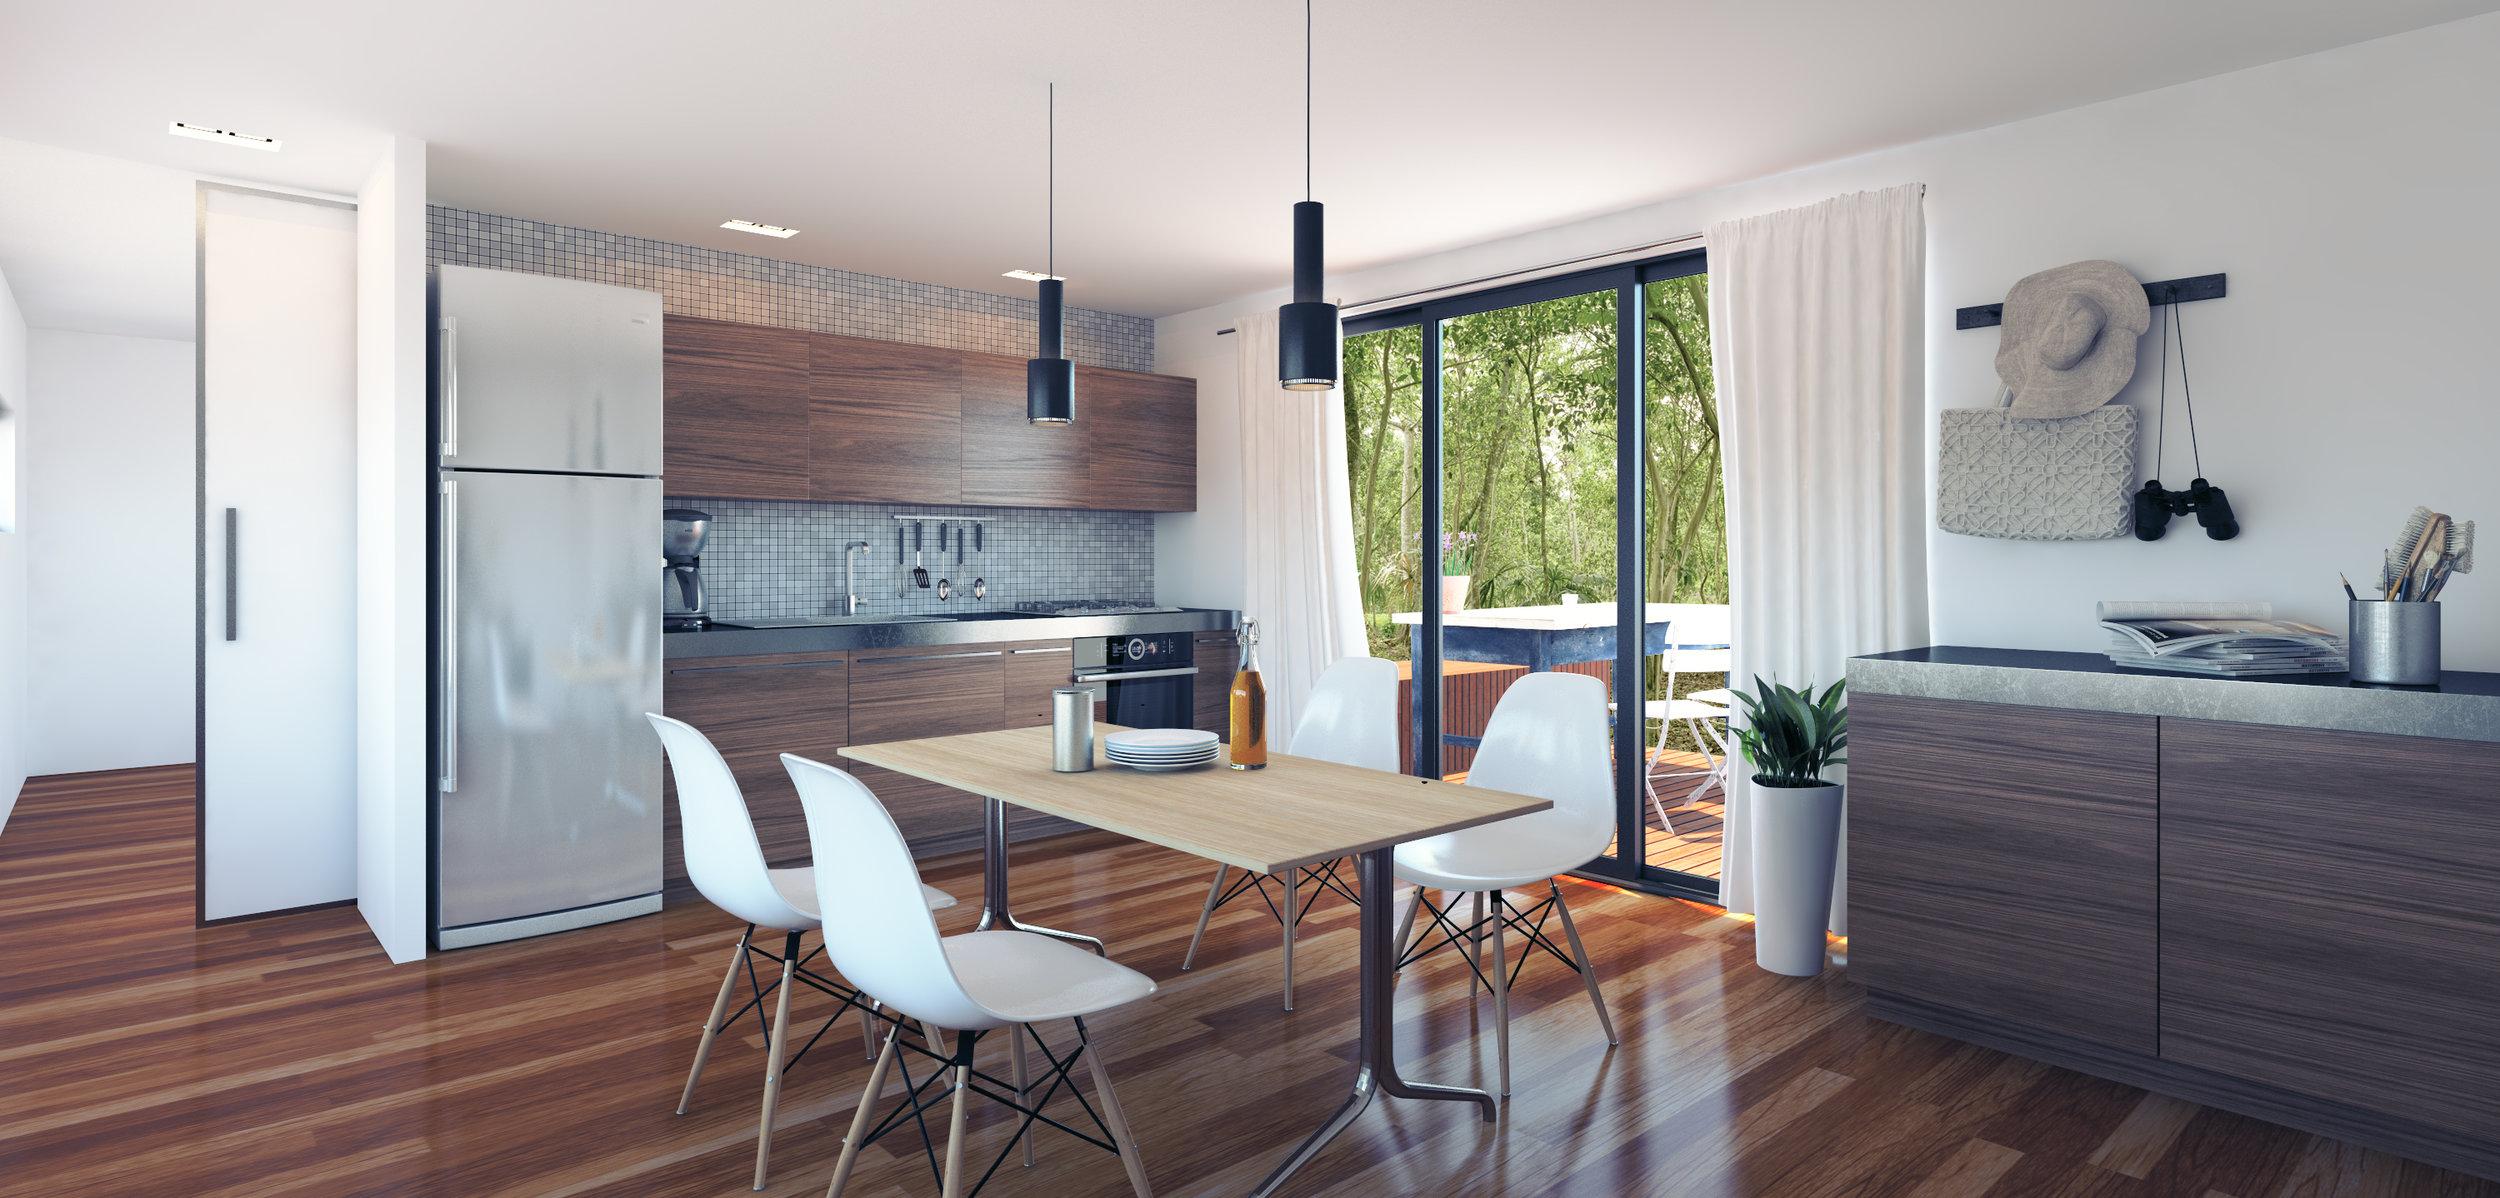 interior_kitchen-1bed_HD.jpg